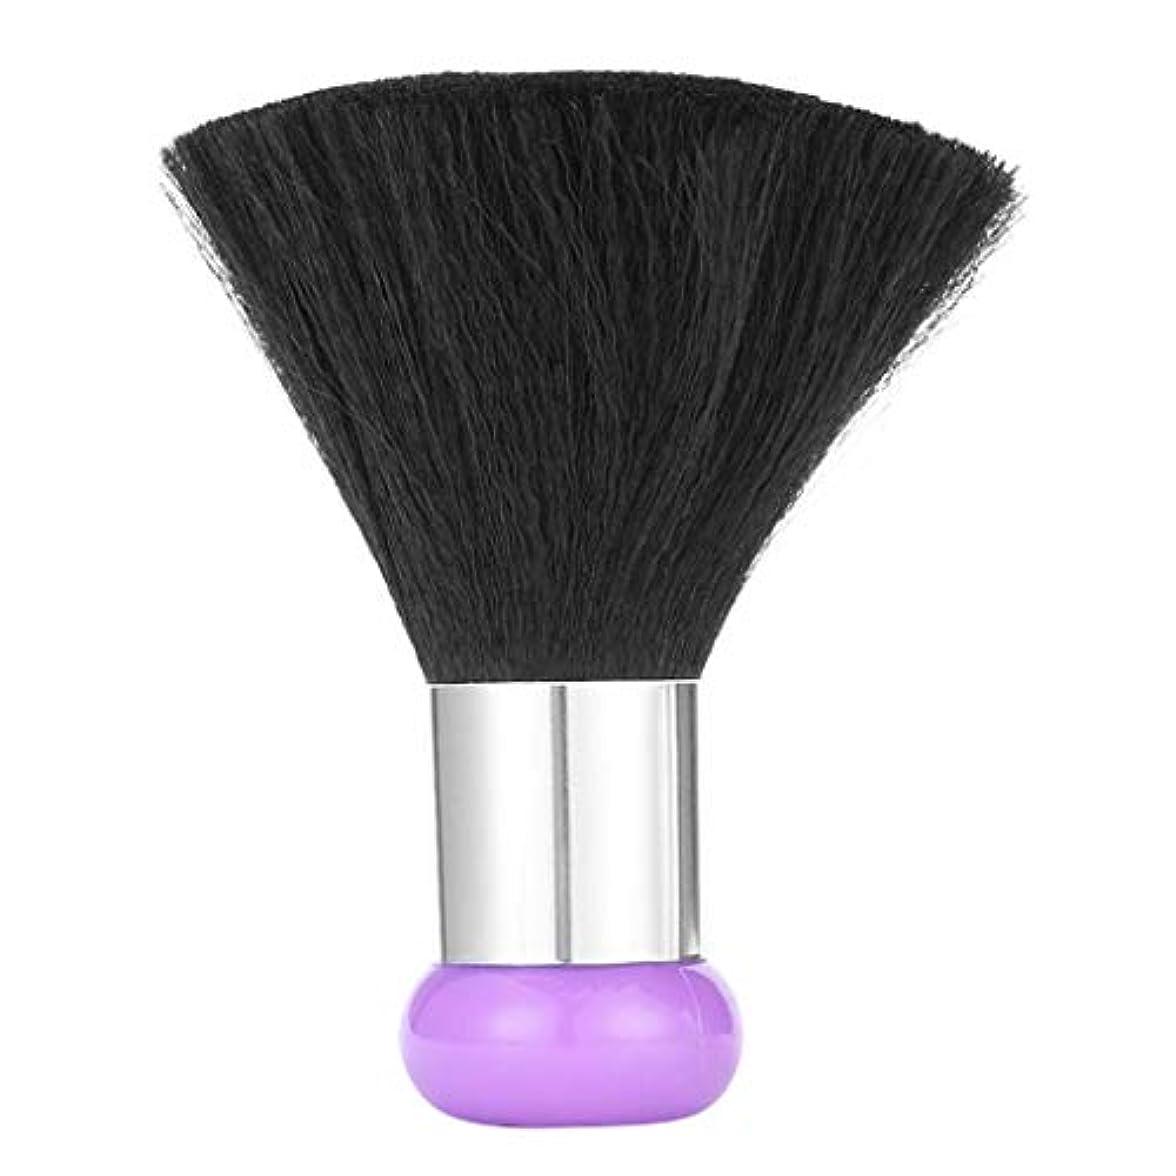 アルネ免疫利点ネックダスターブラシ ヘアカット ヘアブラシ クリーナー プロ 美容院 サロン 2色選べ - 紫